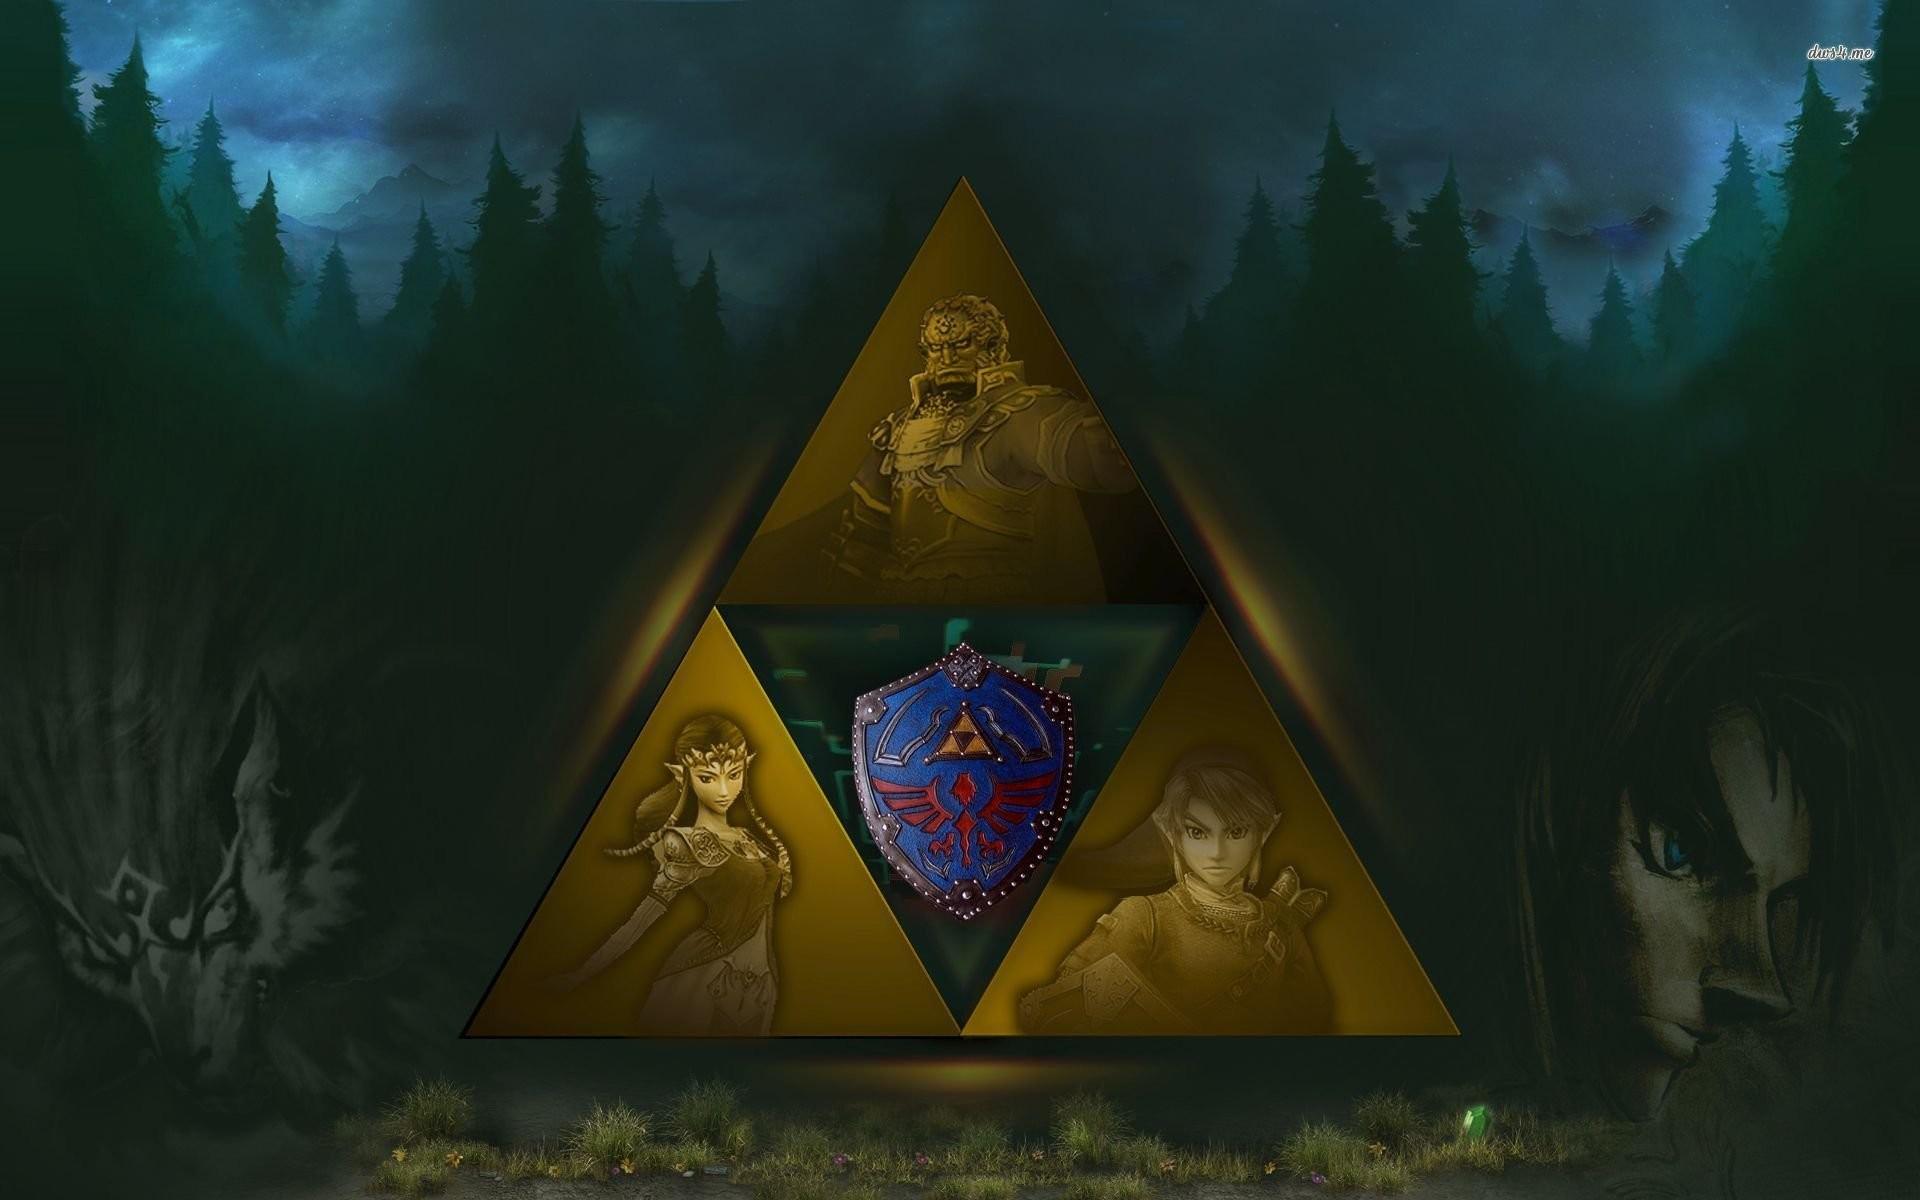 Legend of Zelda Wallpapers Album on Imgur 1920×1200 Zelda Wallpapers  Android (43 Wallpapers